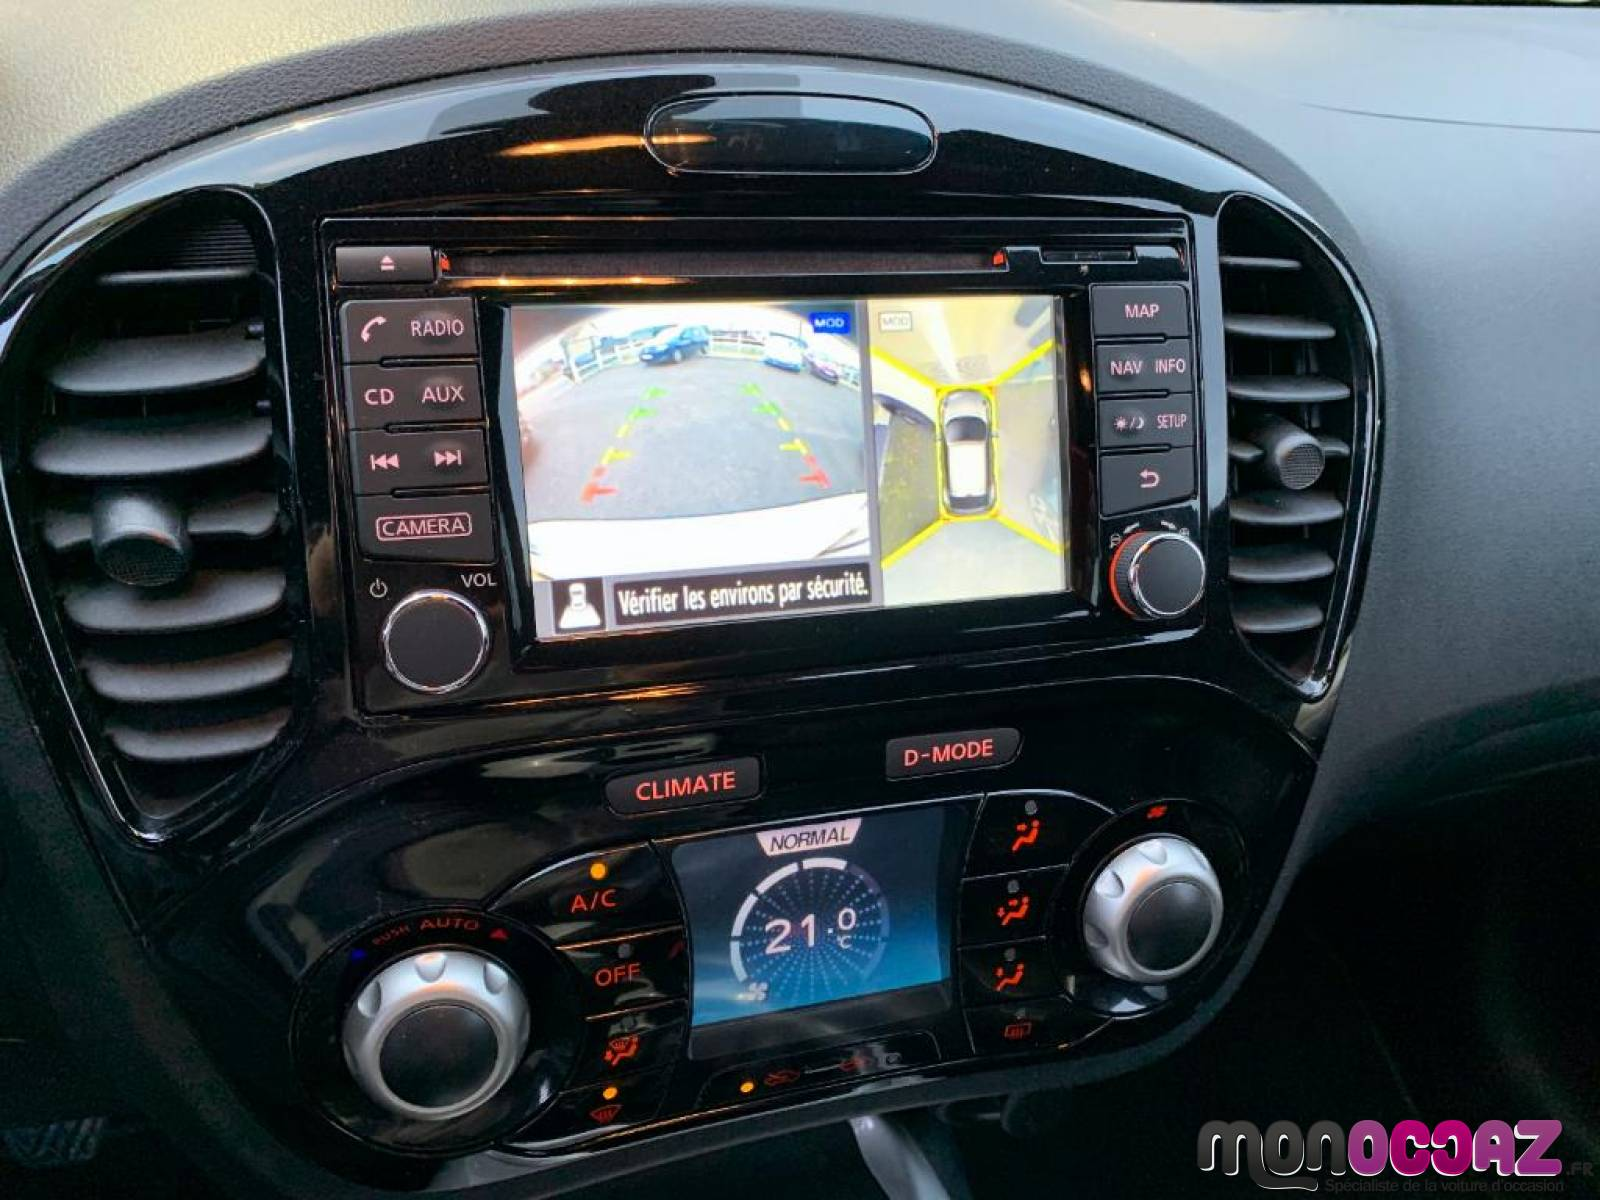 NISSAN Juke 1.5 dCi 110 FAP Start/Stop System - véhicule d'occasion - MonOccaz.fr - MonOccaz.fr - 89140 - Pont-sur-Yonne - 10